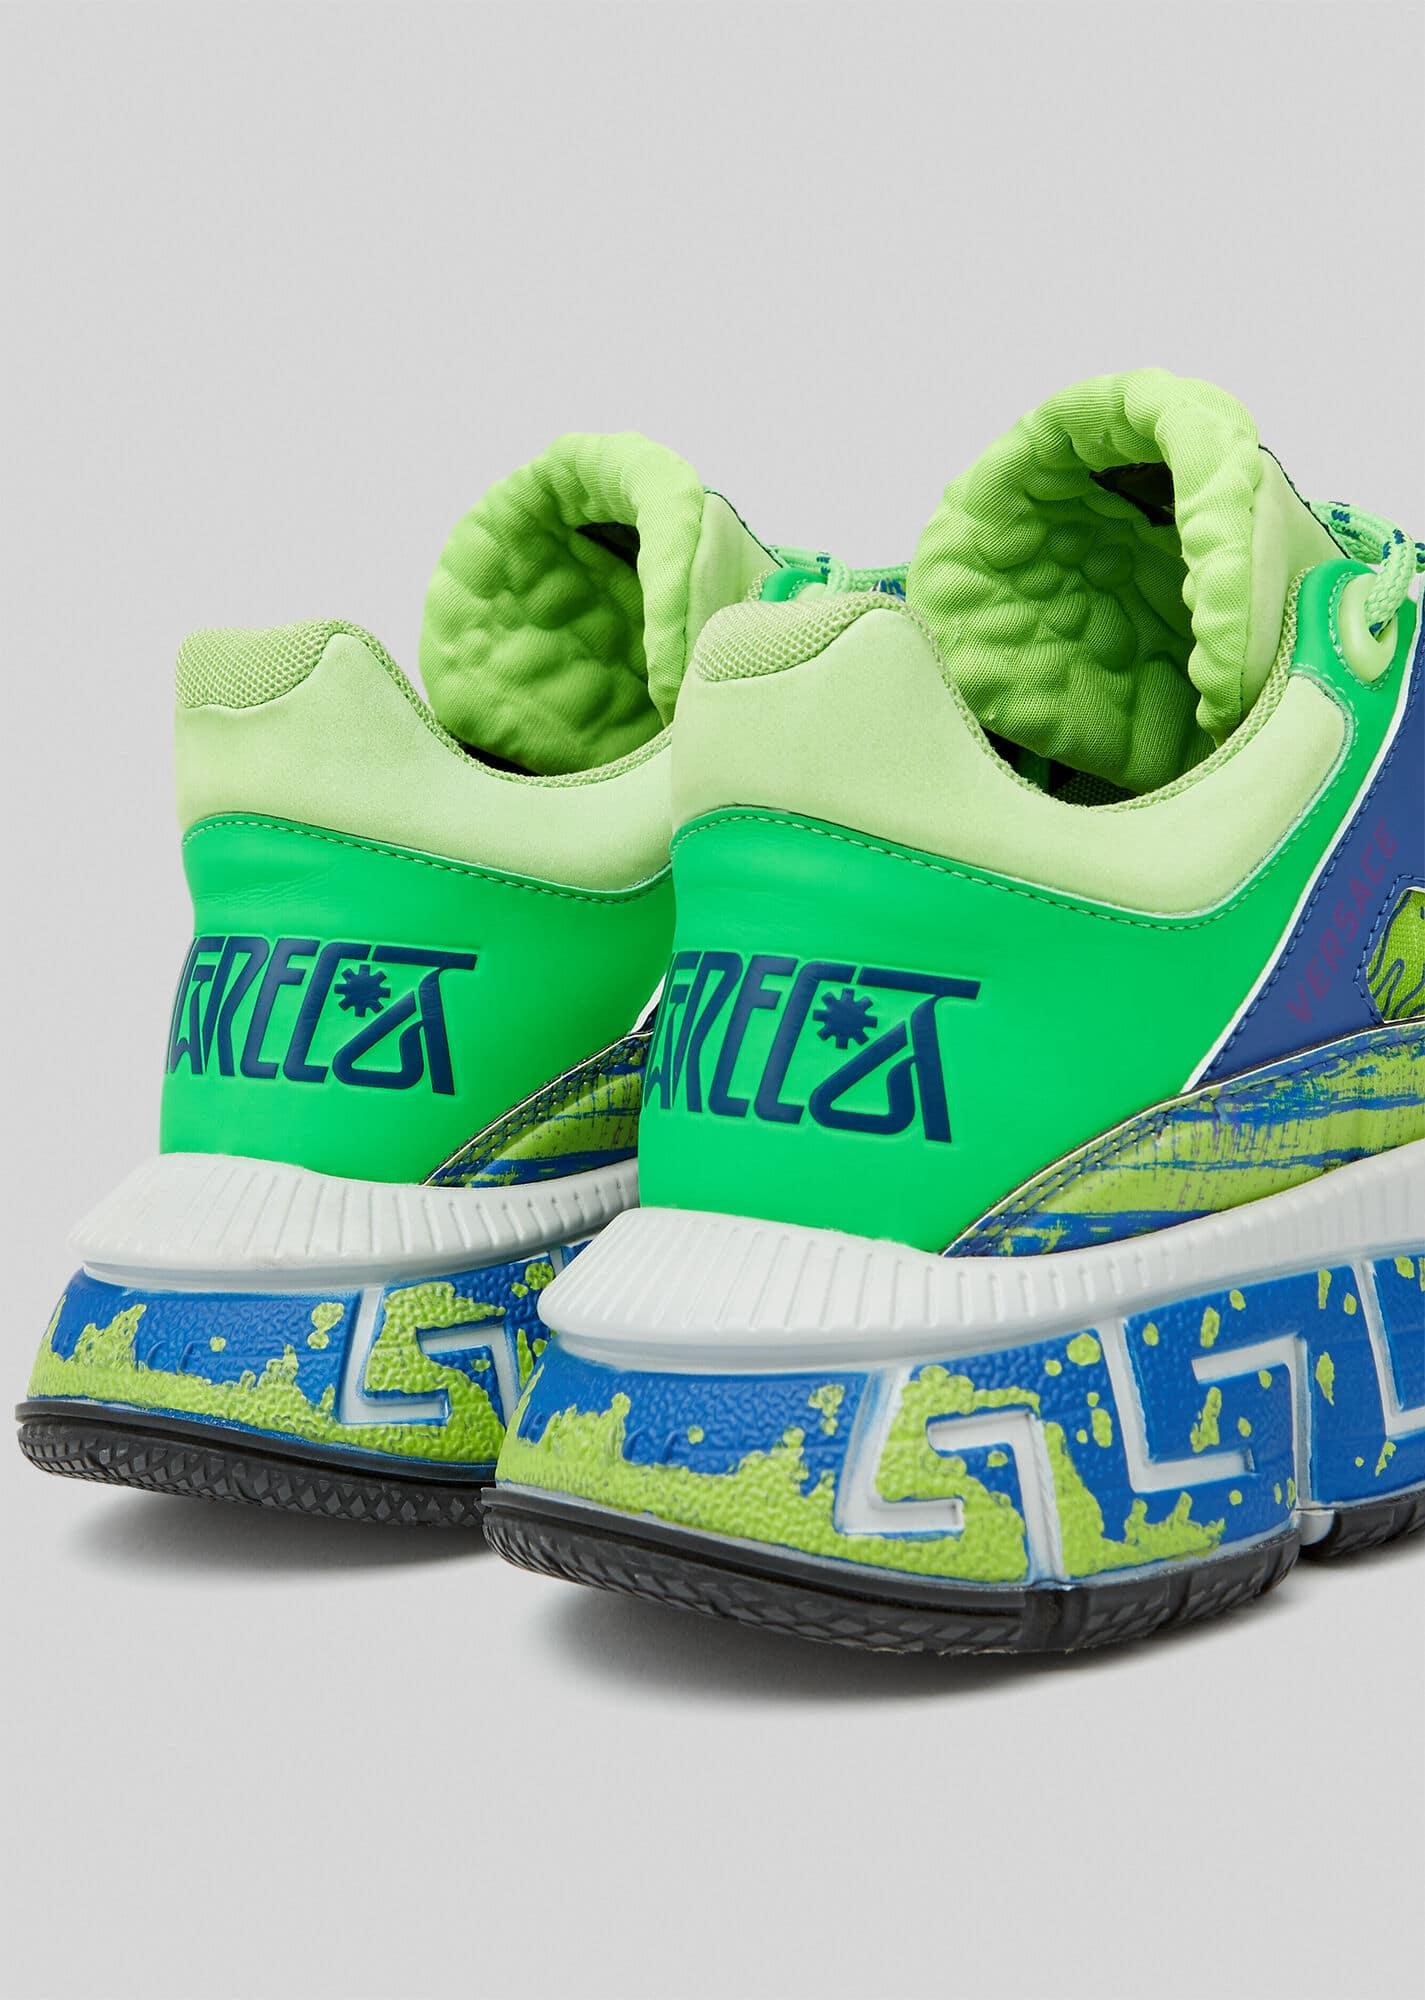 versace new sneakers